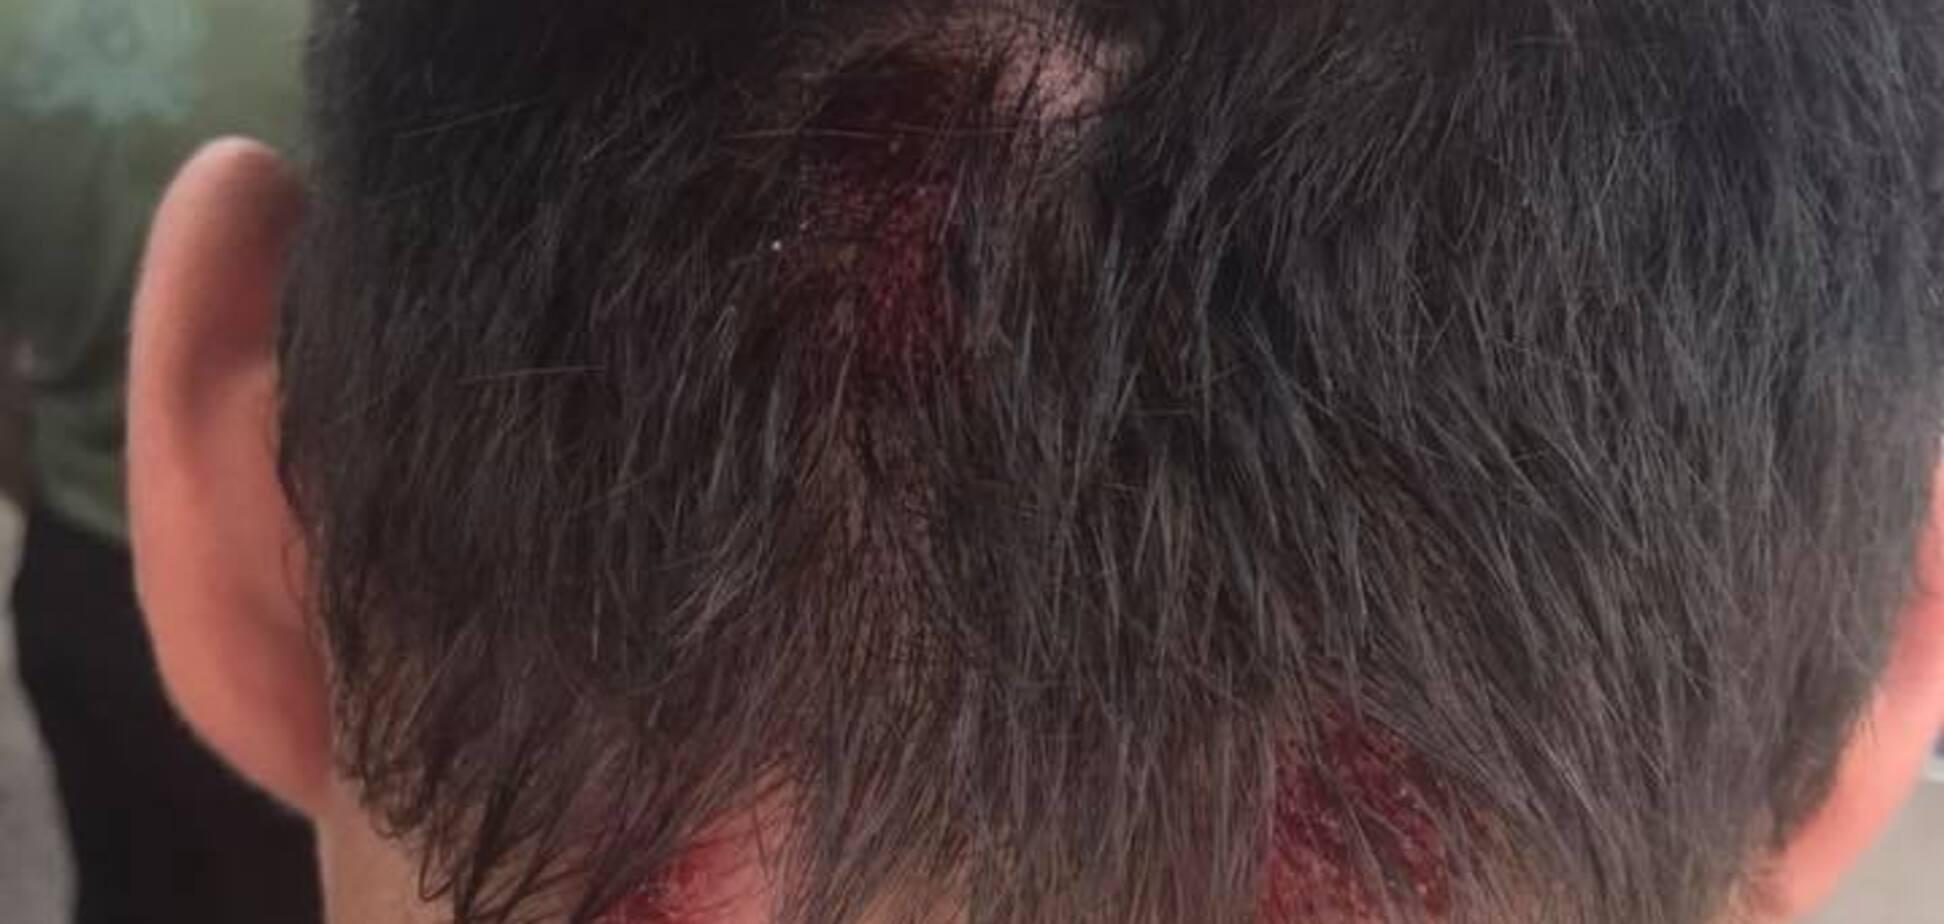 Під Харковом підстрелили відомого блогера: є подробиці і фото